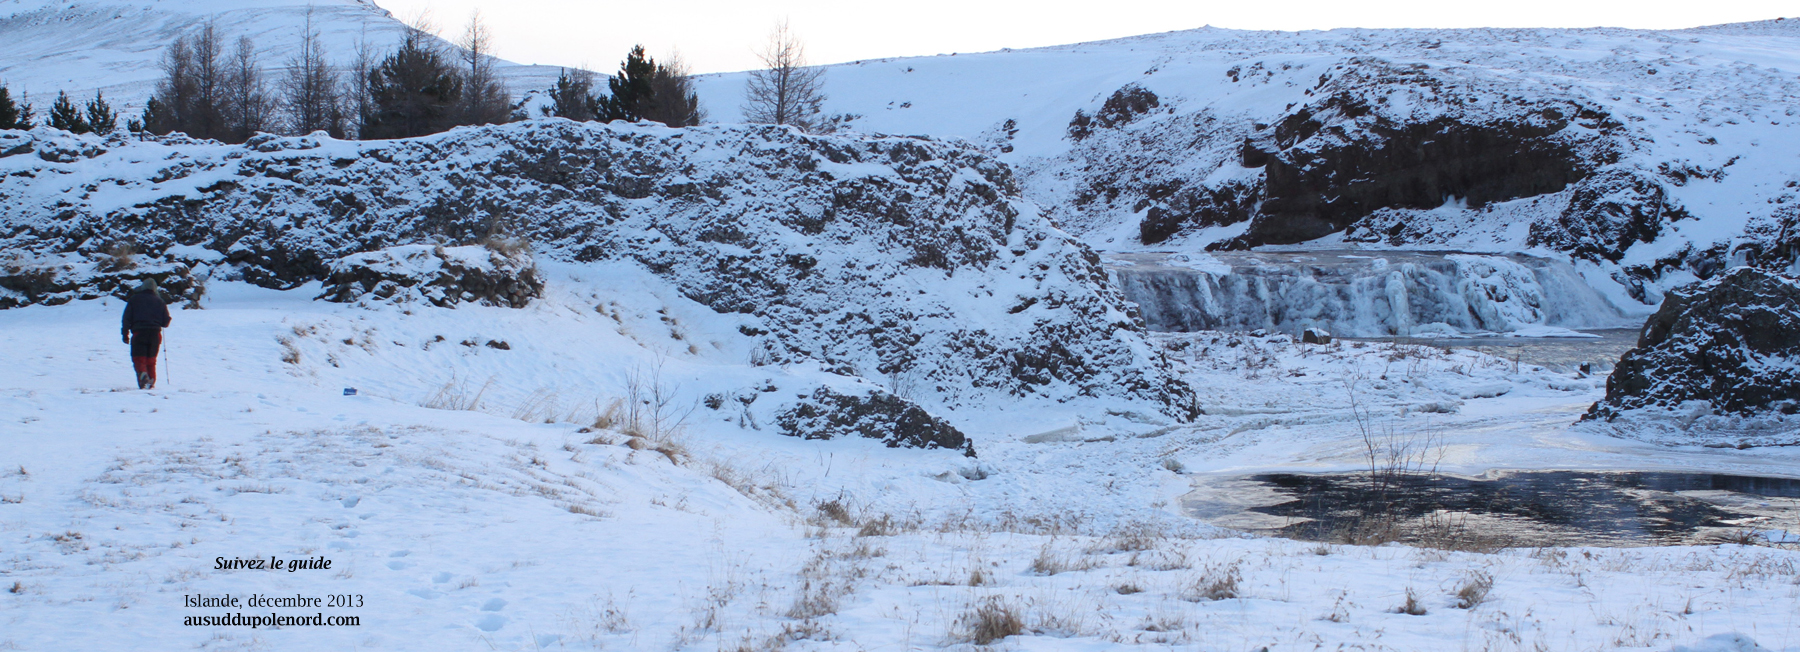 rando islande neige